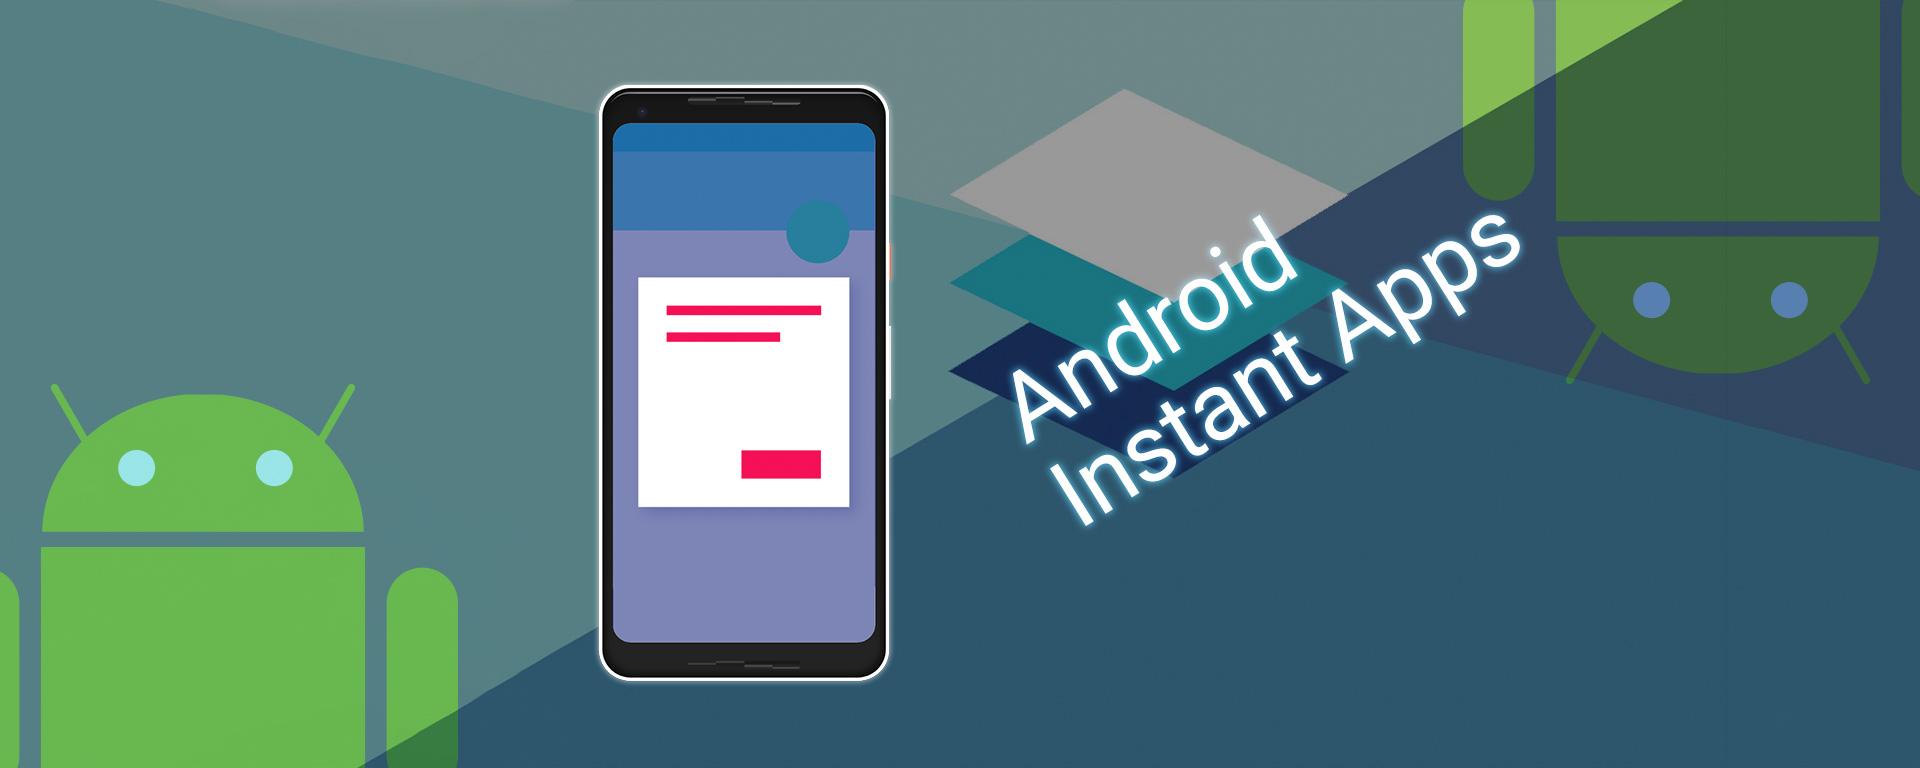 Android アプリバンドルに instant experience を追加する (インスタントアプリを簡単に作れるようになった)